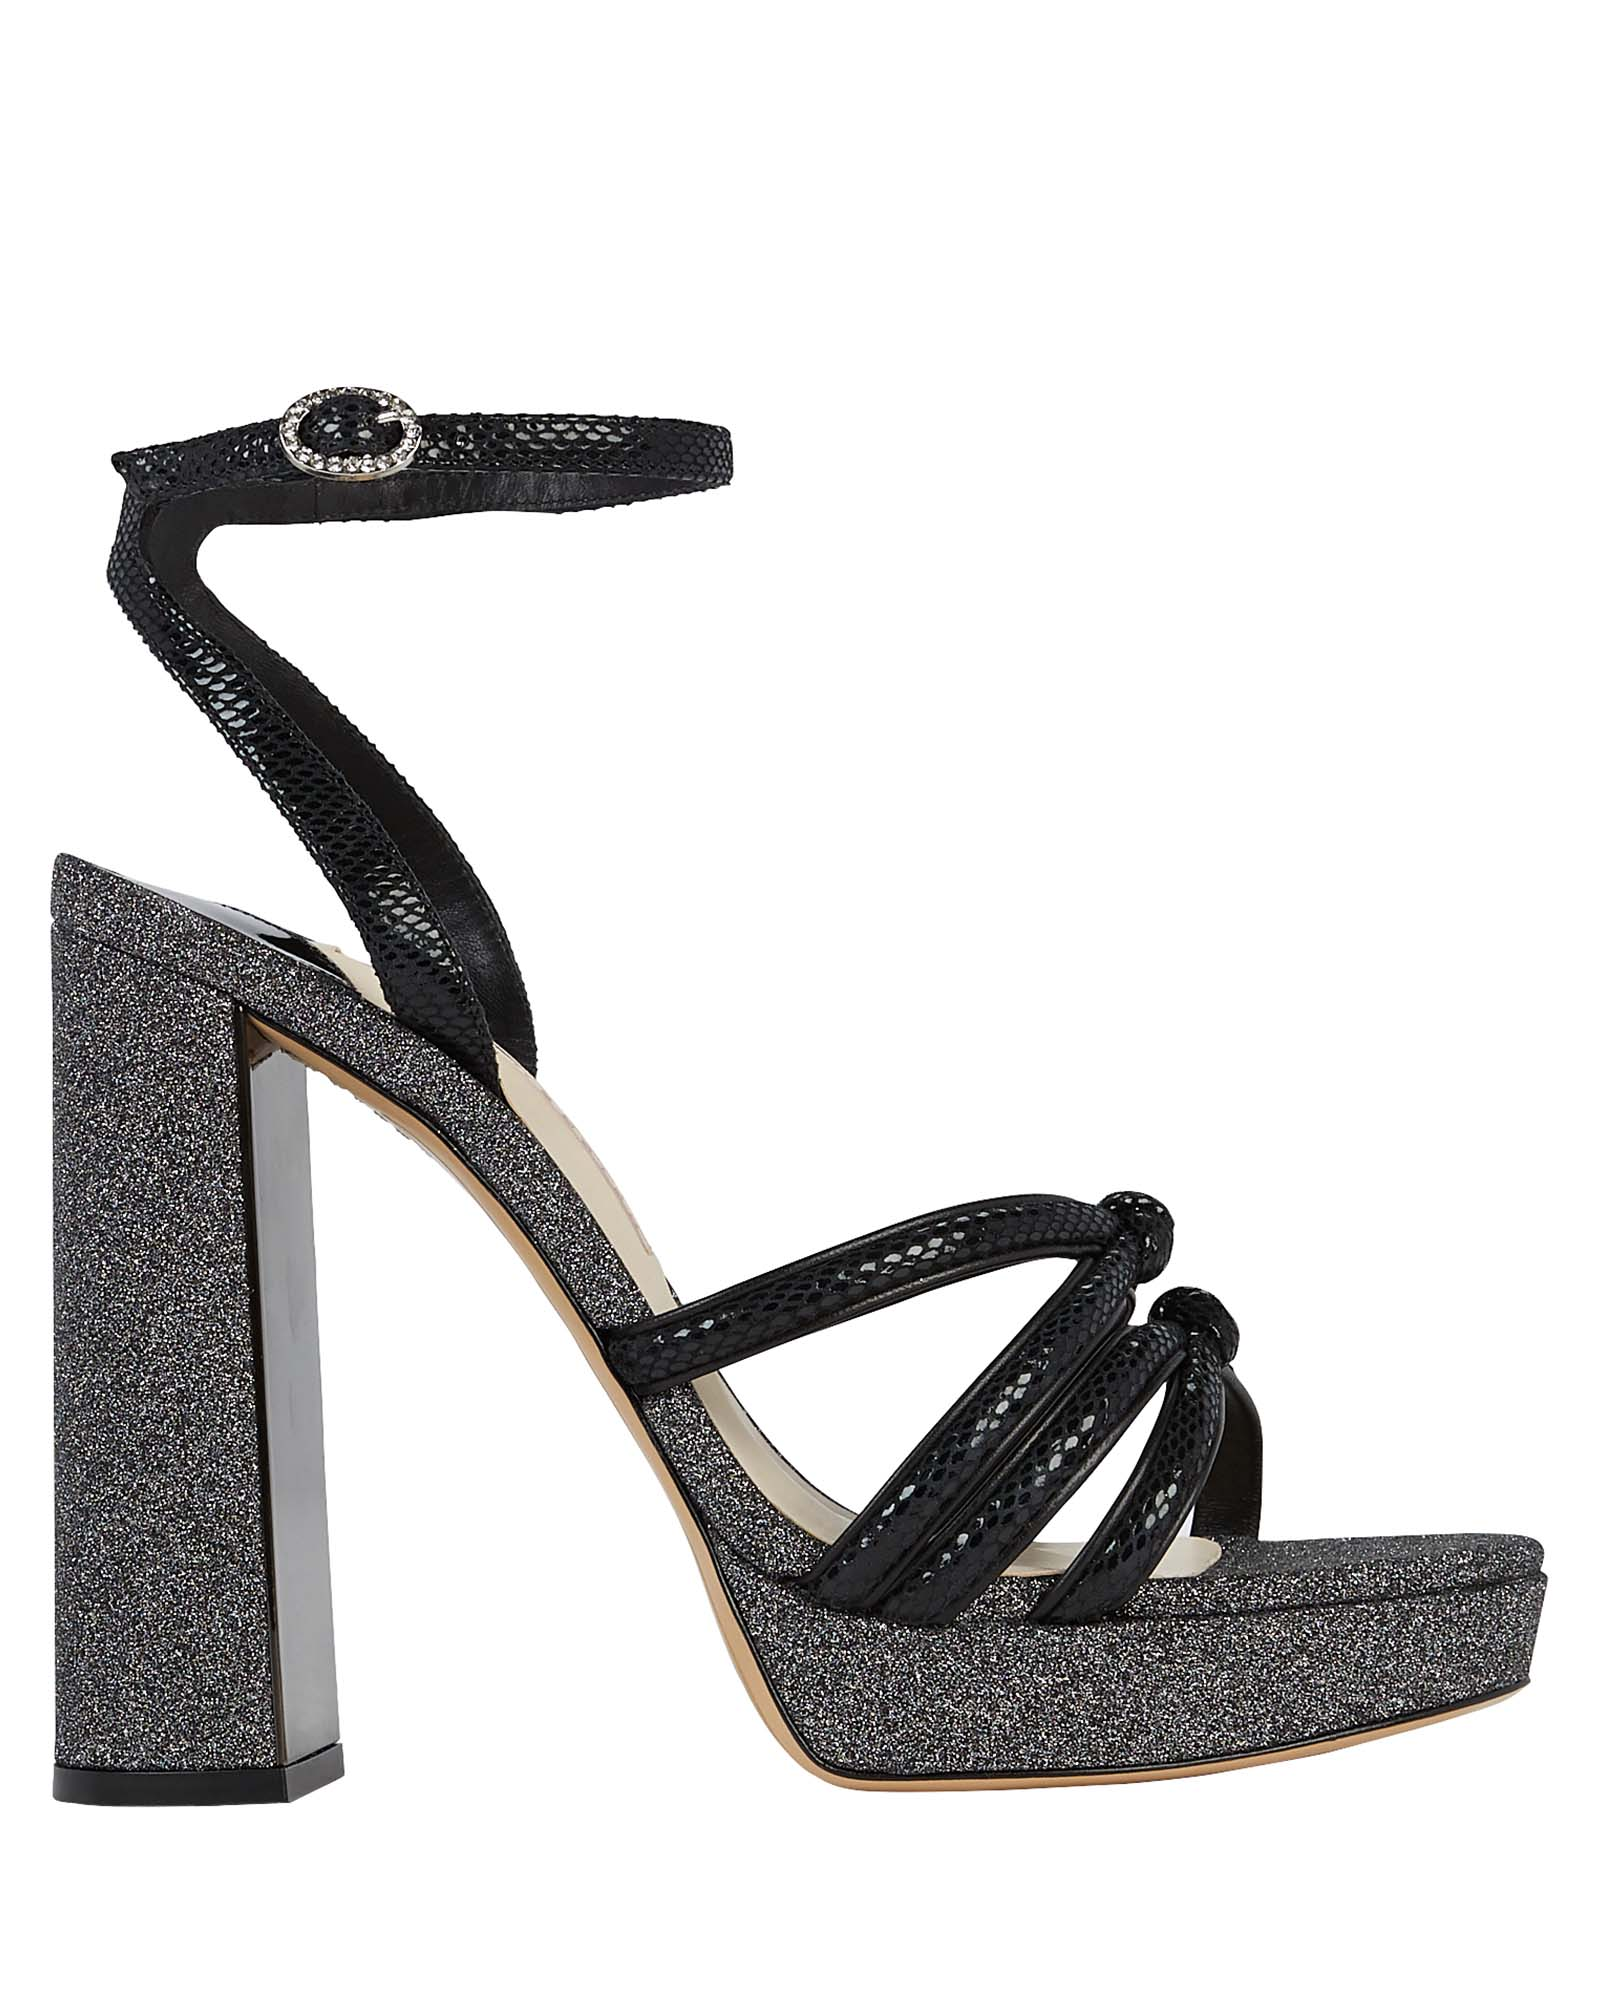 Sophia Webster Freya Suede And Glitter Platform Sandals In Black